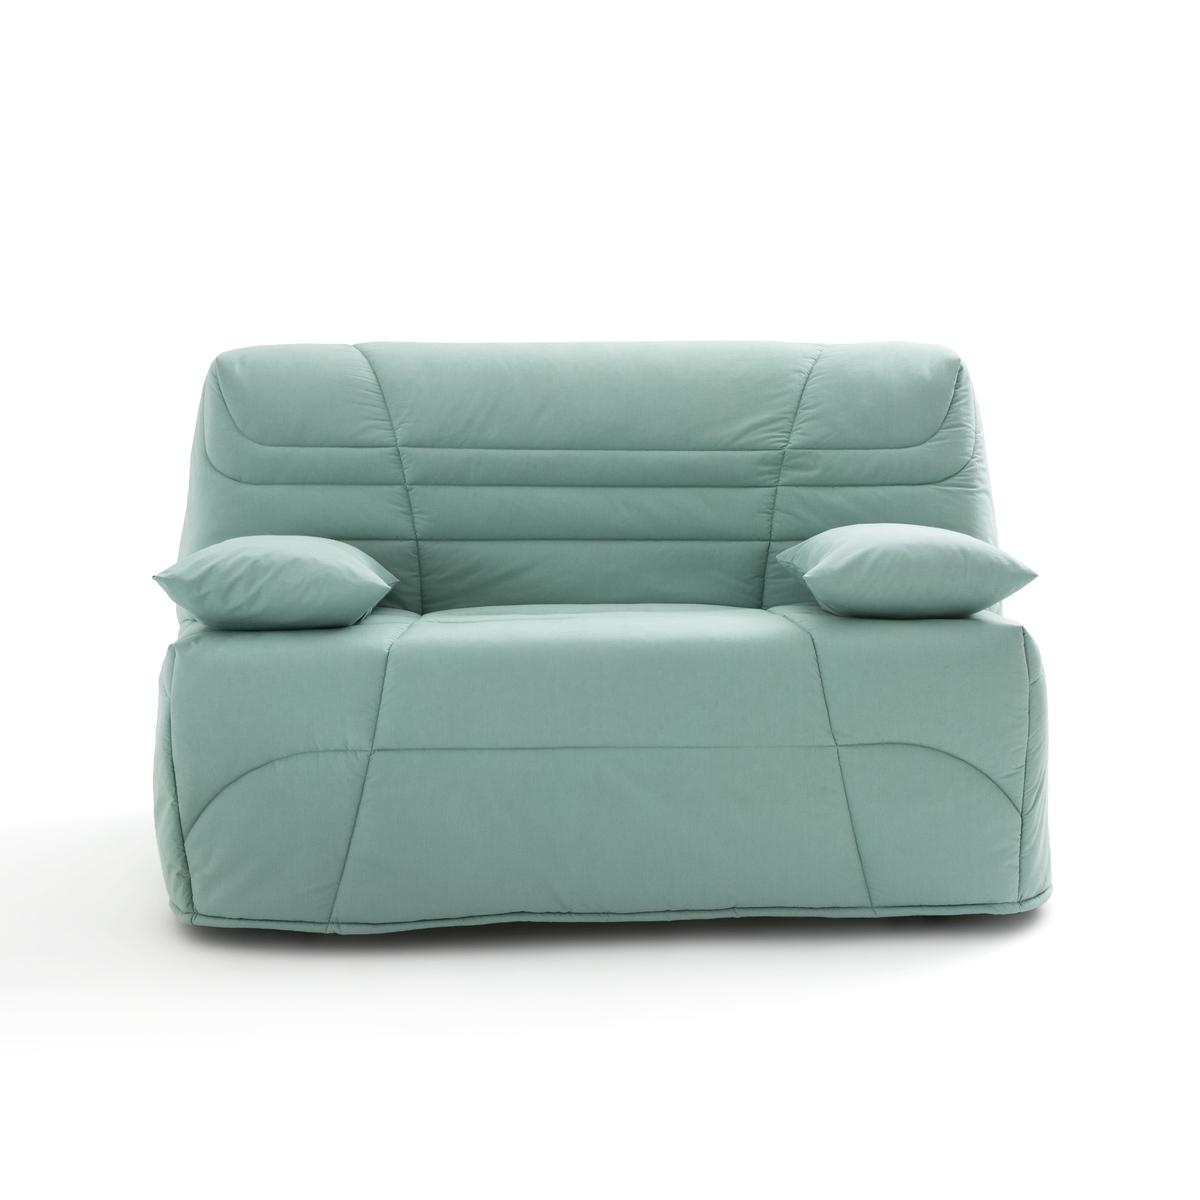 Чехол LaRedoute Для дивана-книжки толщина 14 см усовершенствованная модель 160 x 200 см зеленый